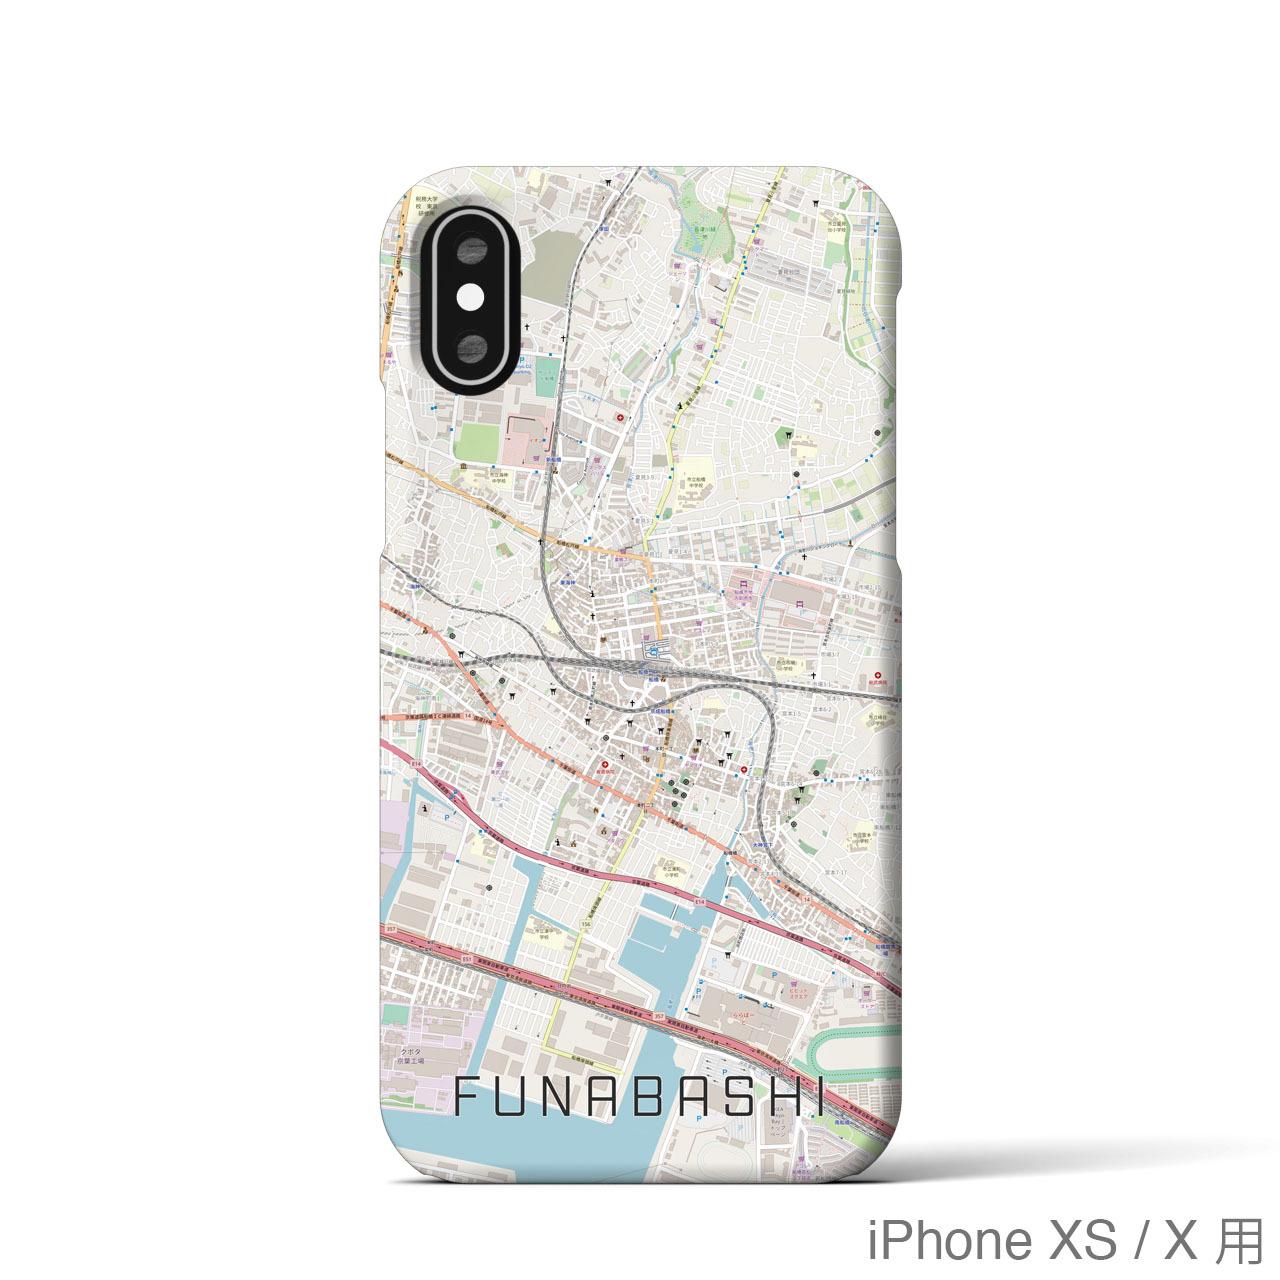 【船橋】地図柄iPhoneケース(バックカバータイプ・ナチュラル)